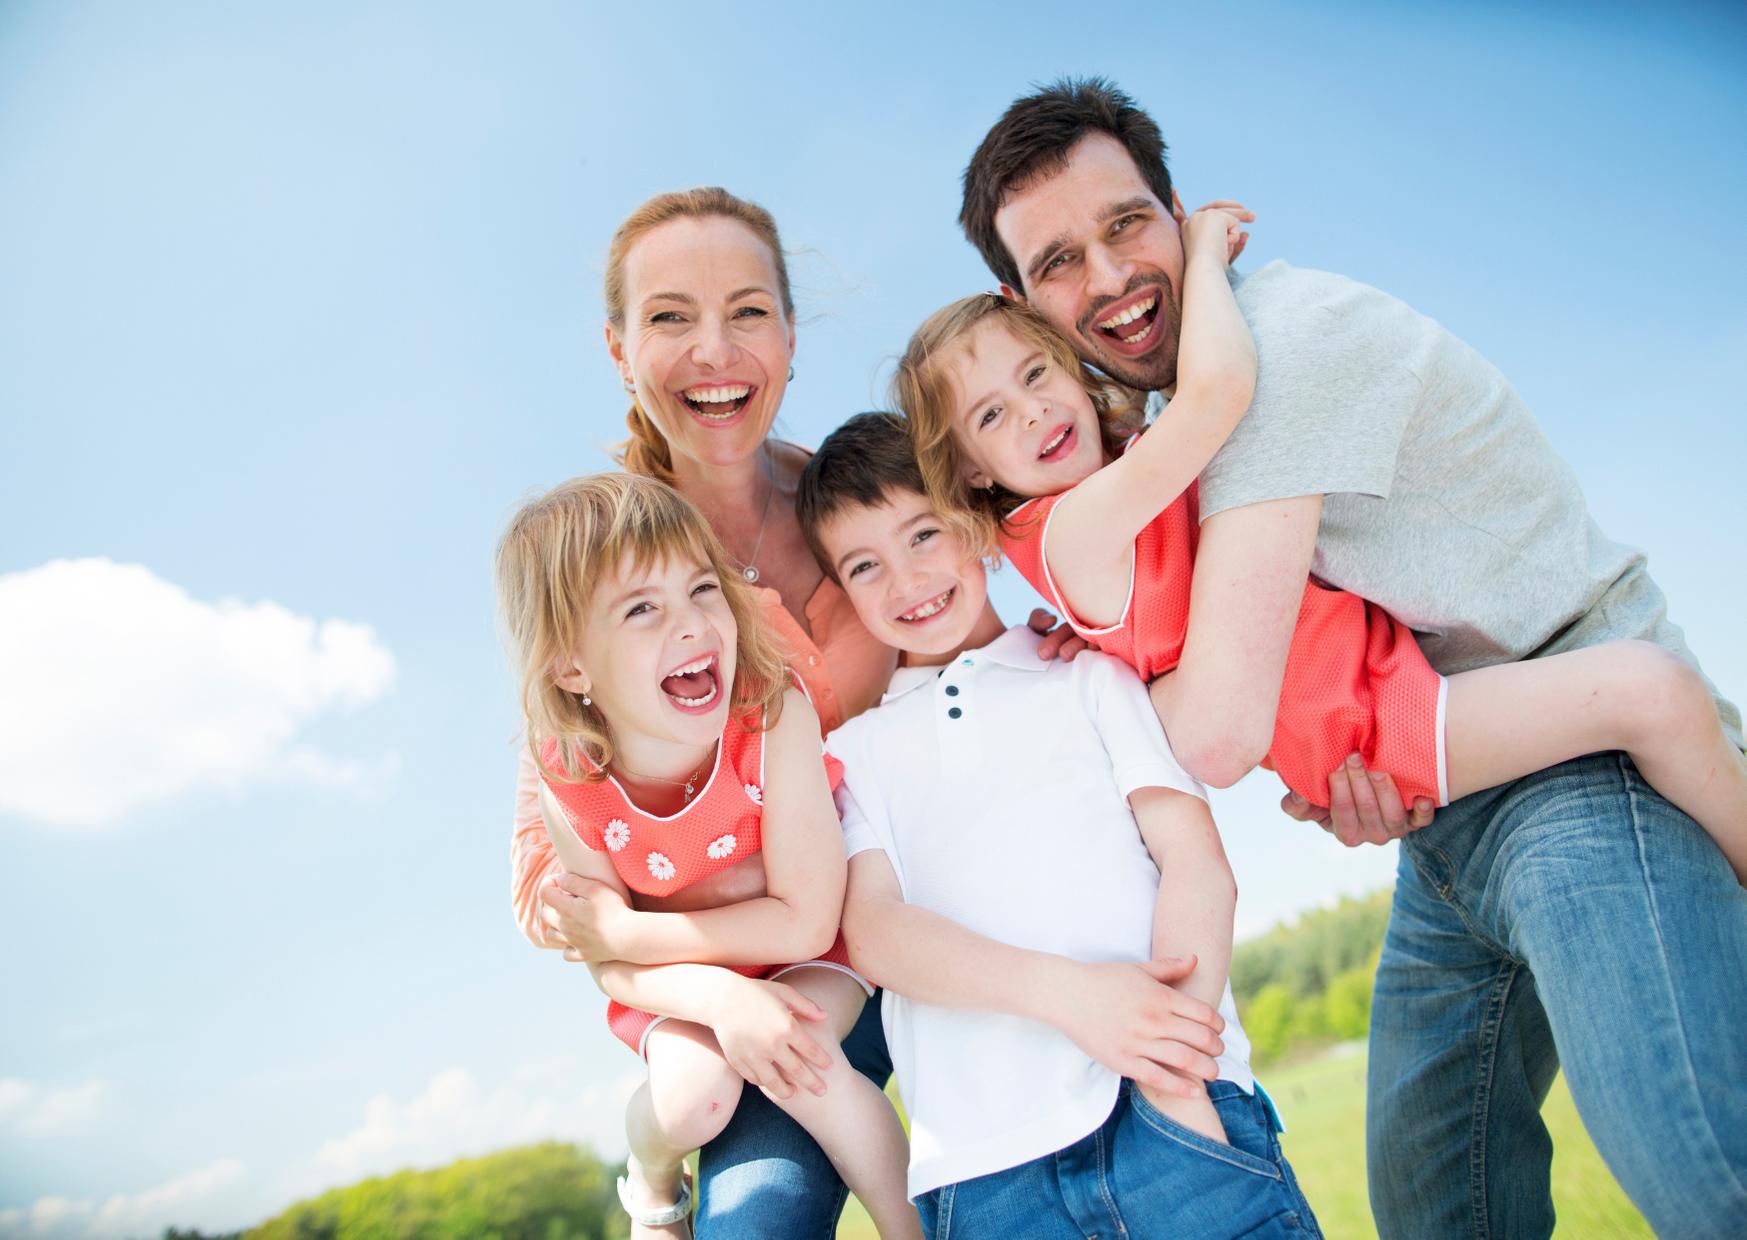 homeopathy alternative medicine for children